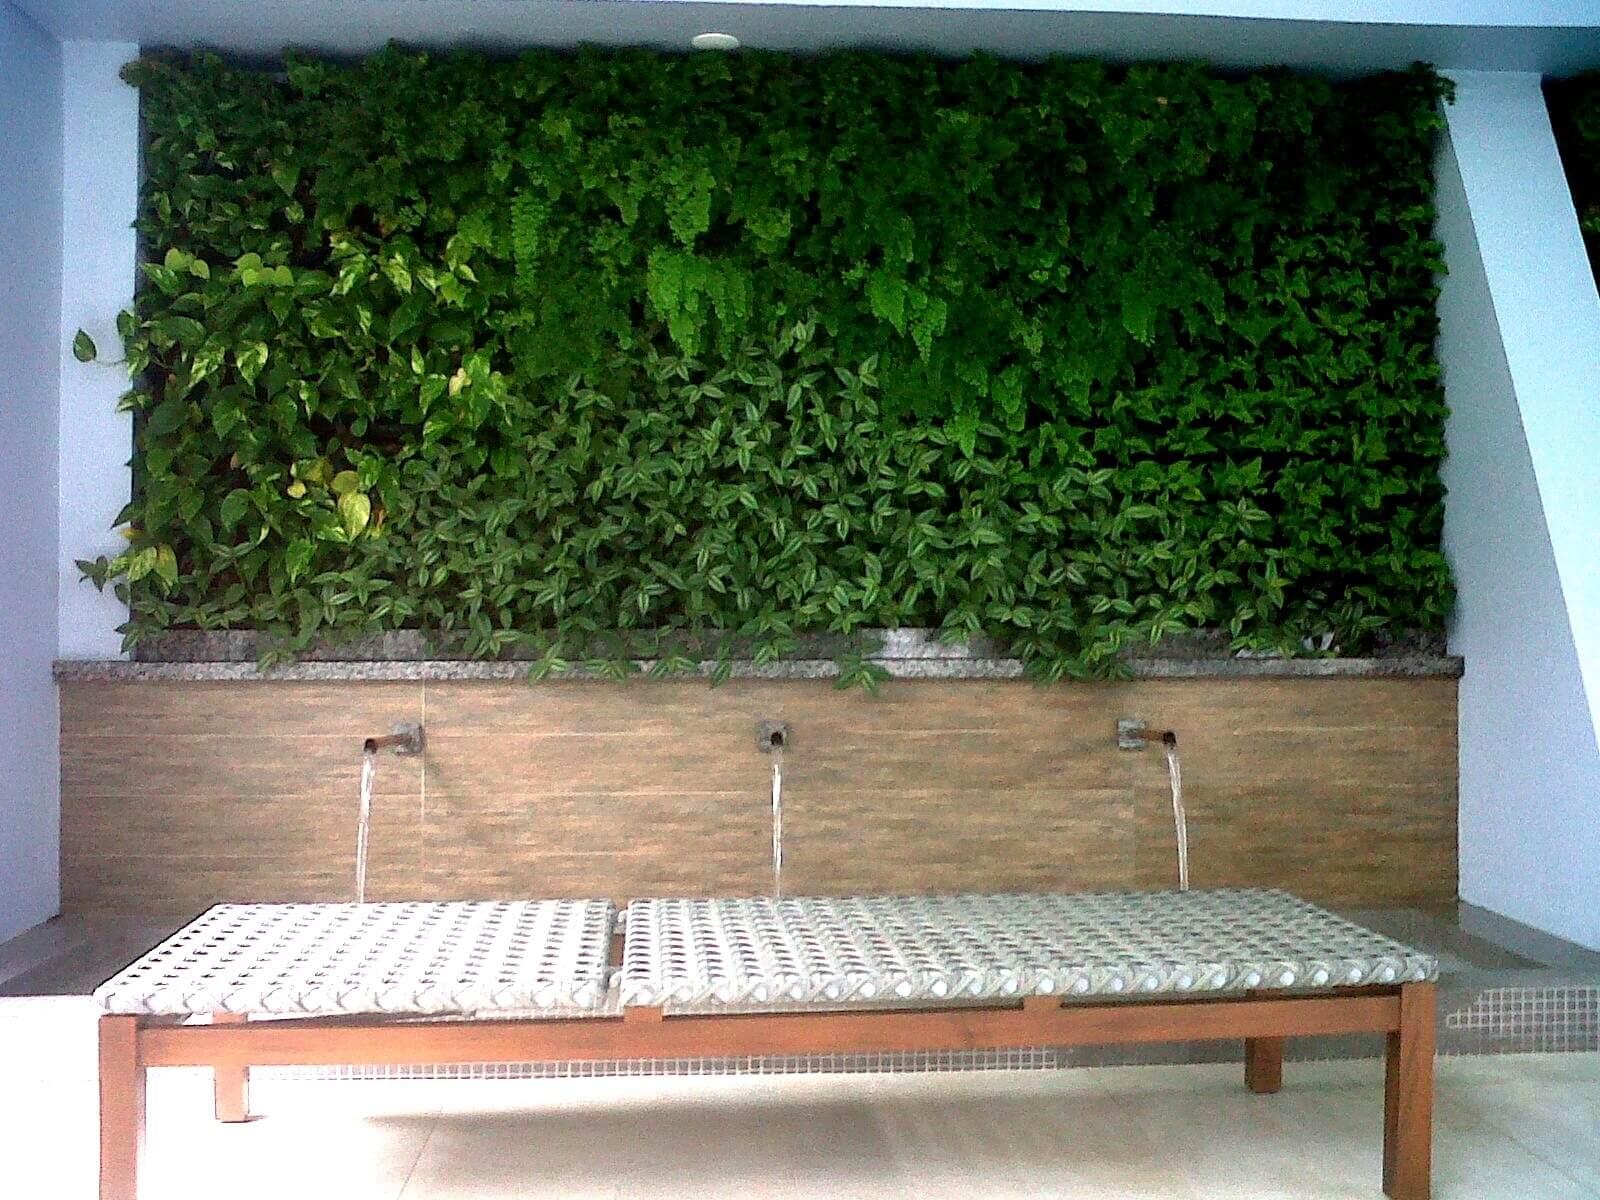 Galeria de Fotos Ecotelhado Ecotelhado #132B0D 1600x1200 Arquitetura Sustentavel Banheiro